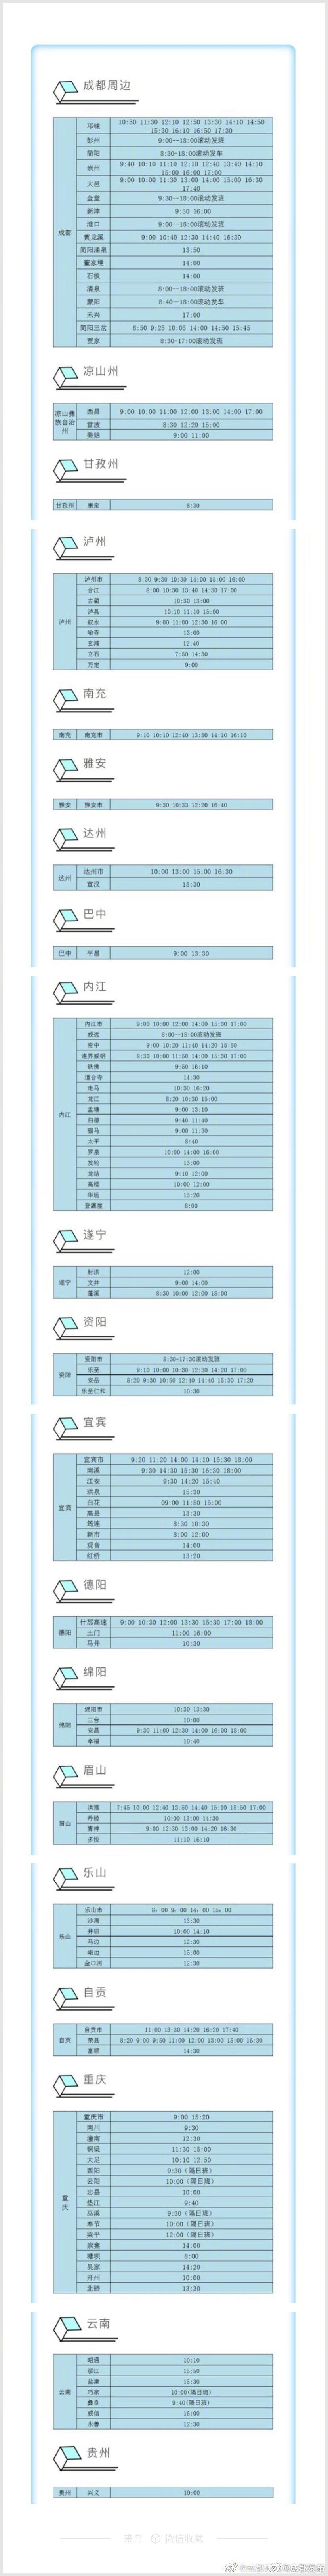 成都东站汽车客运站开始预售清明假期车票